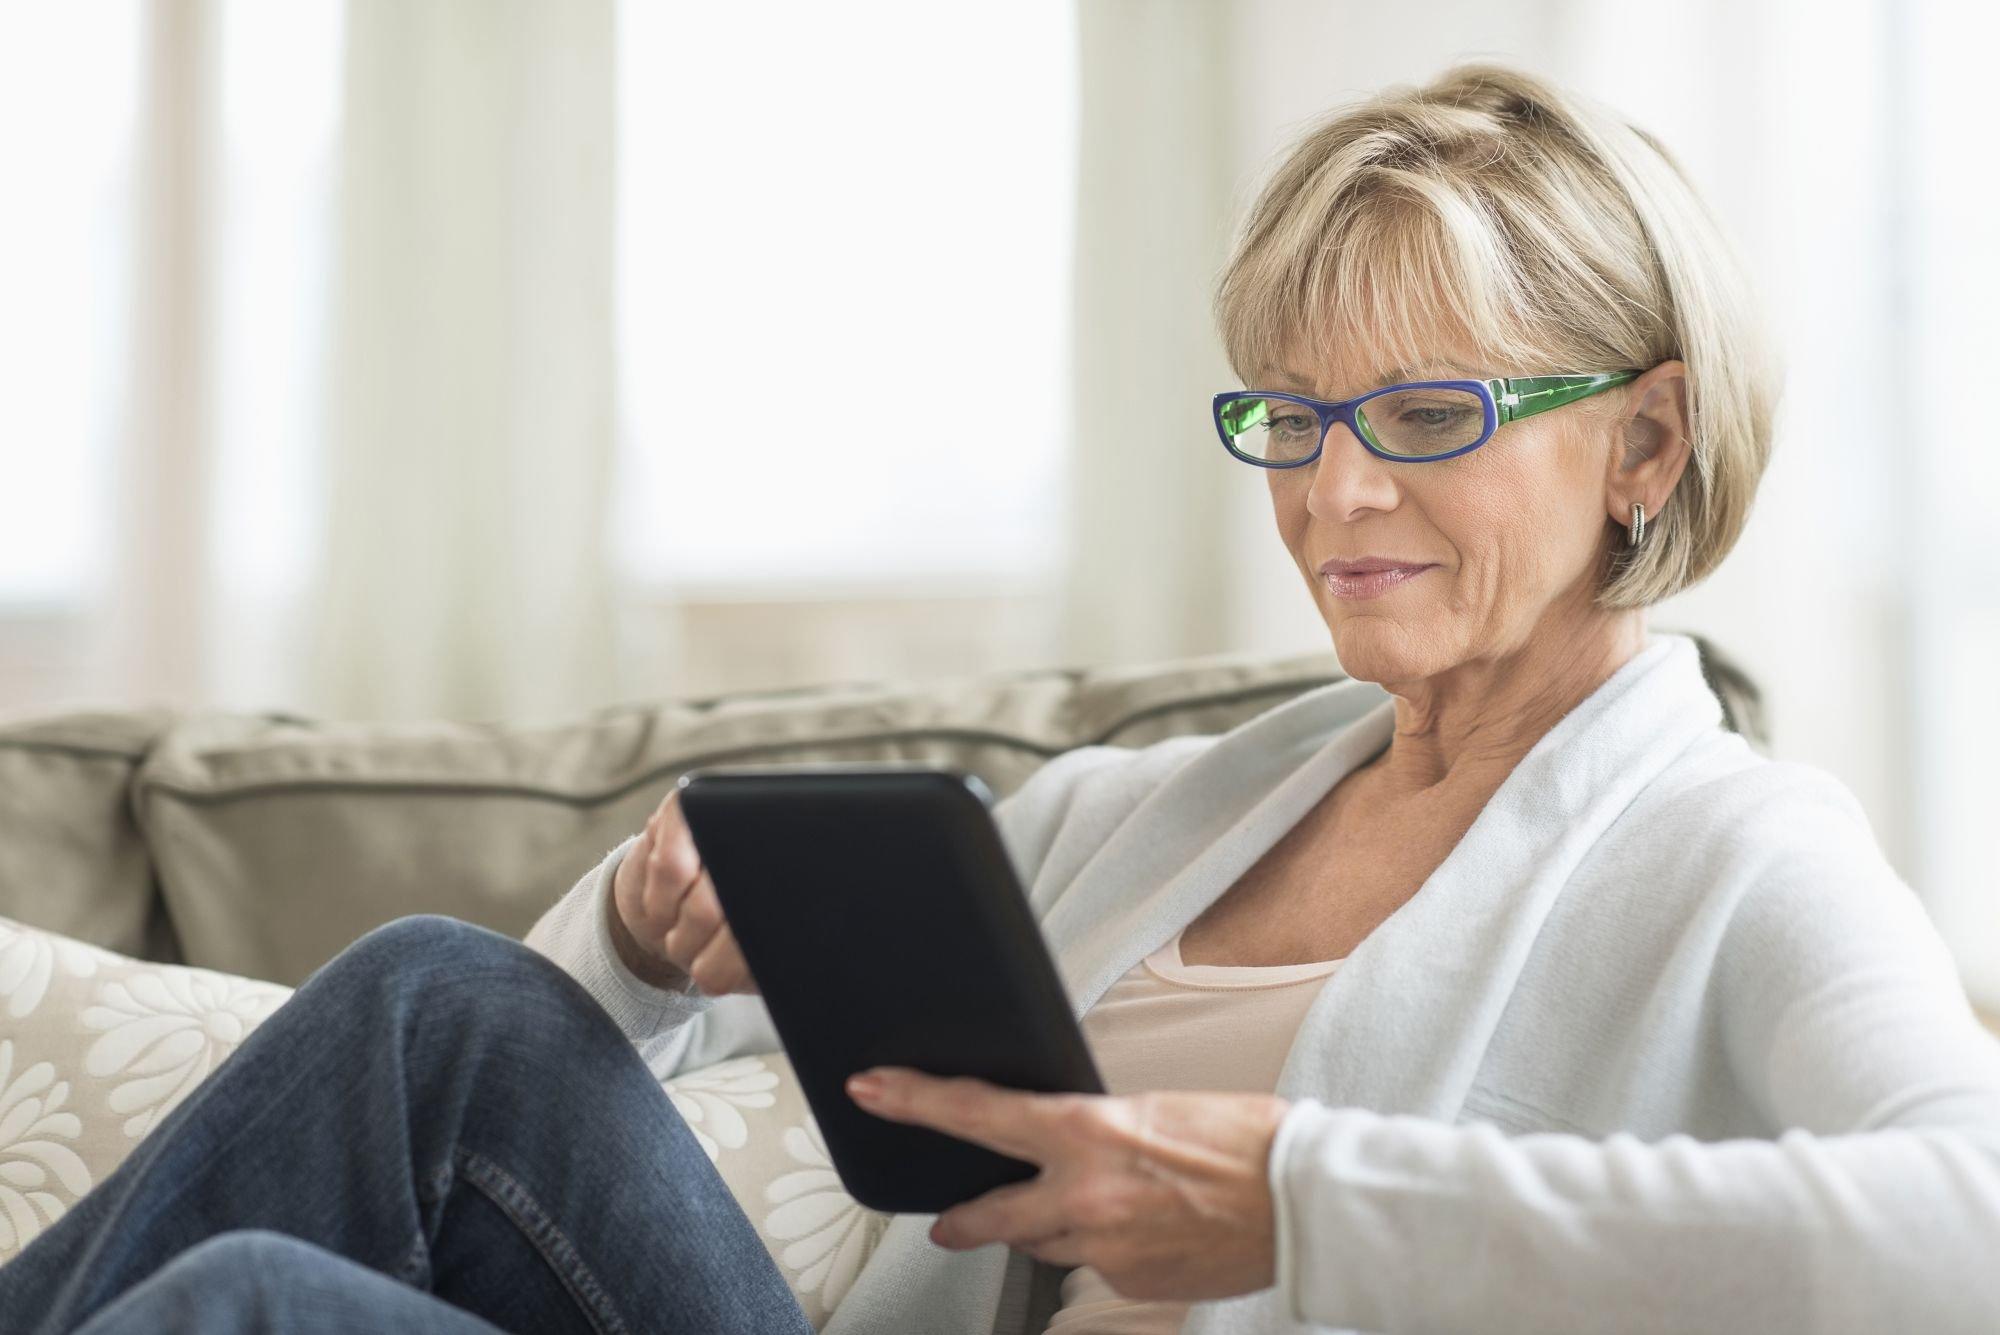 vrouw op een bankstel kijkt op een tablet